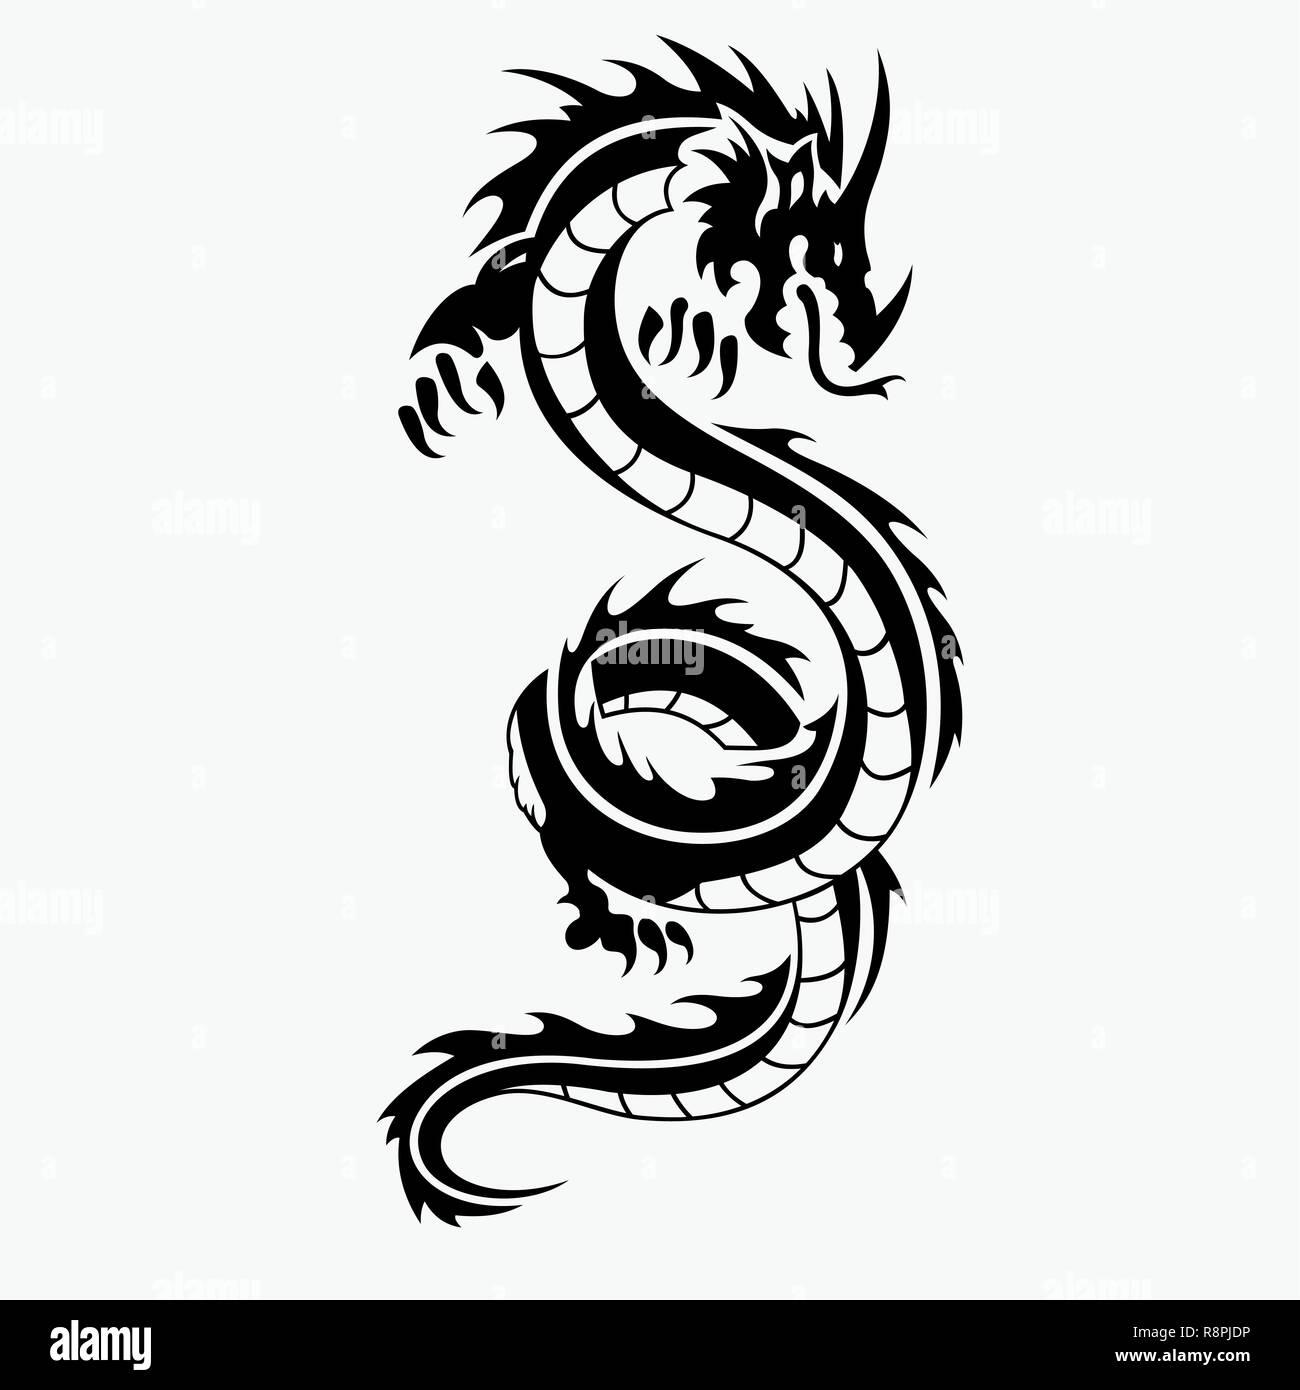 Dragon Illustrazione Vettoriale Per Tatuaggio Disegni Loghi Icone